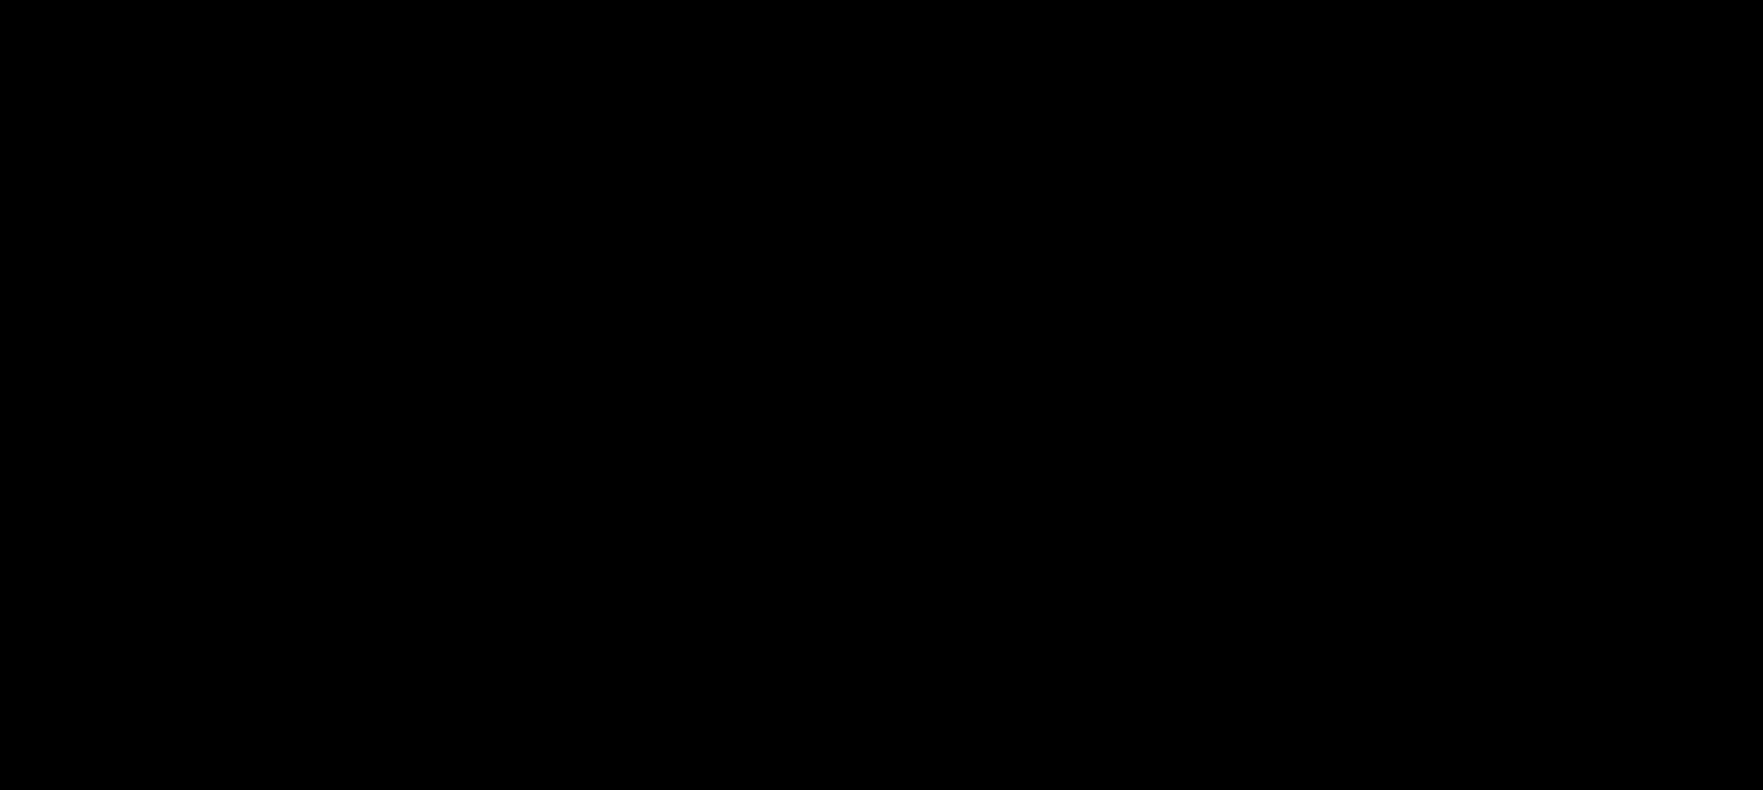 Sunitinib N,N-didesethyl impurity